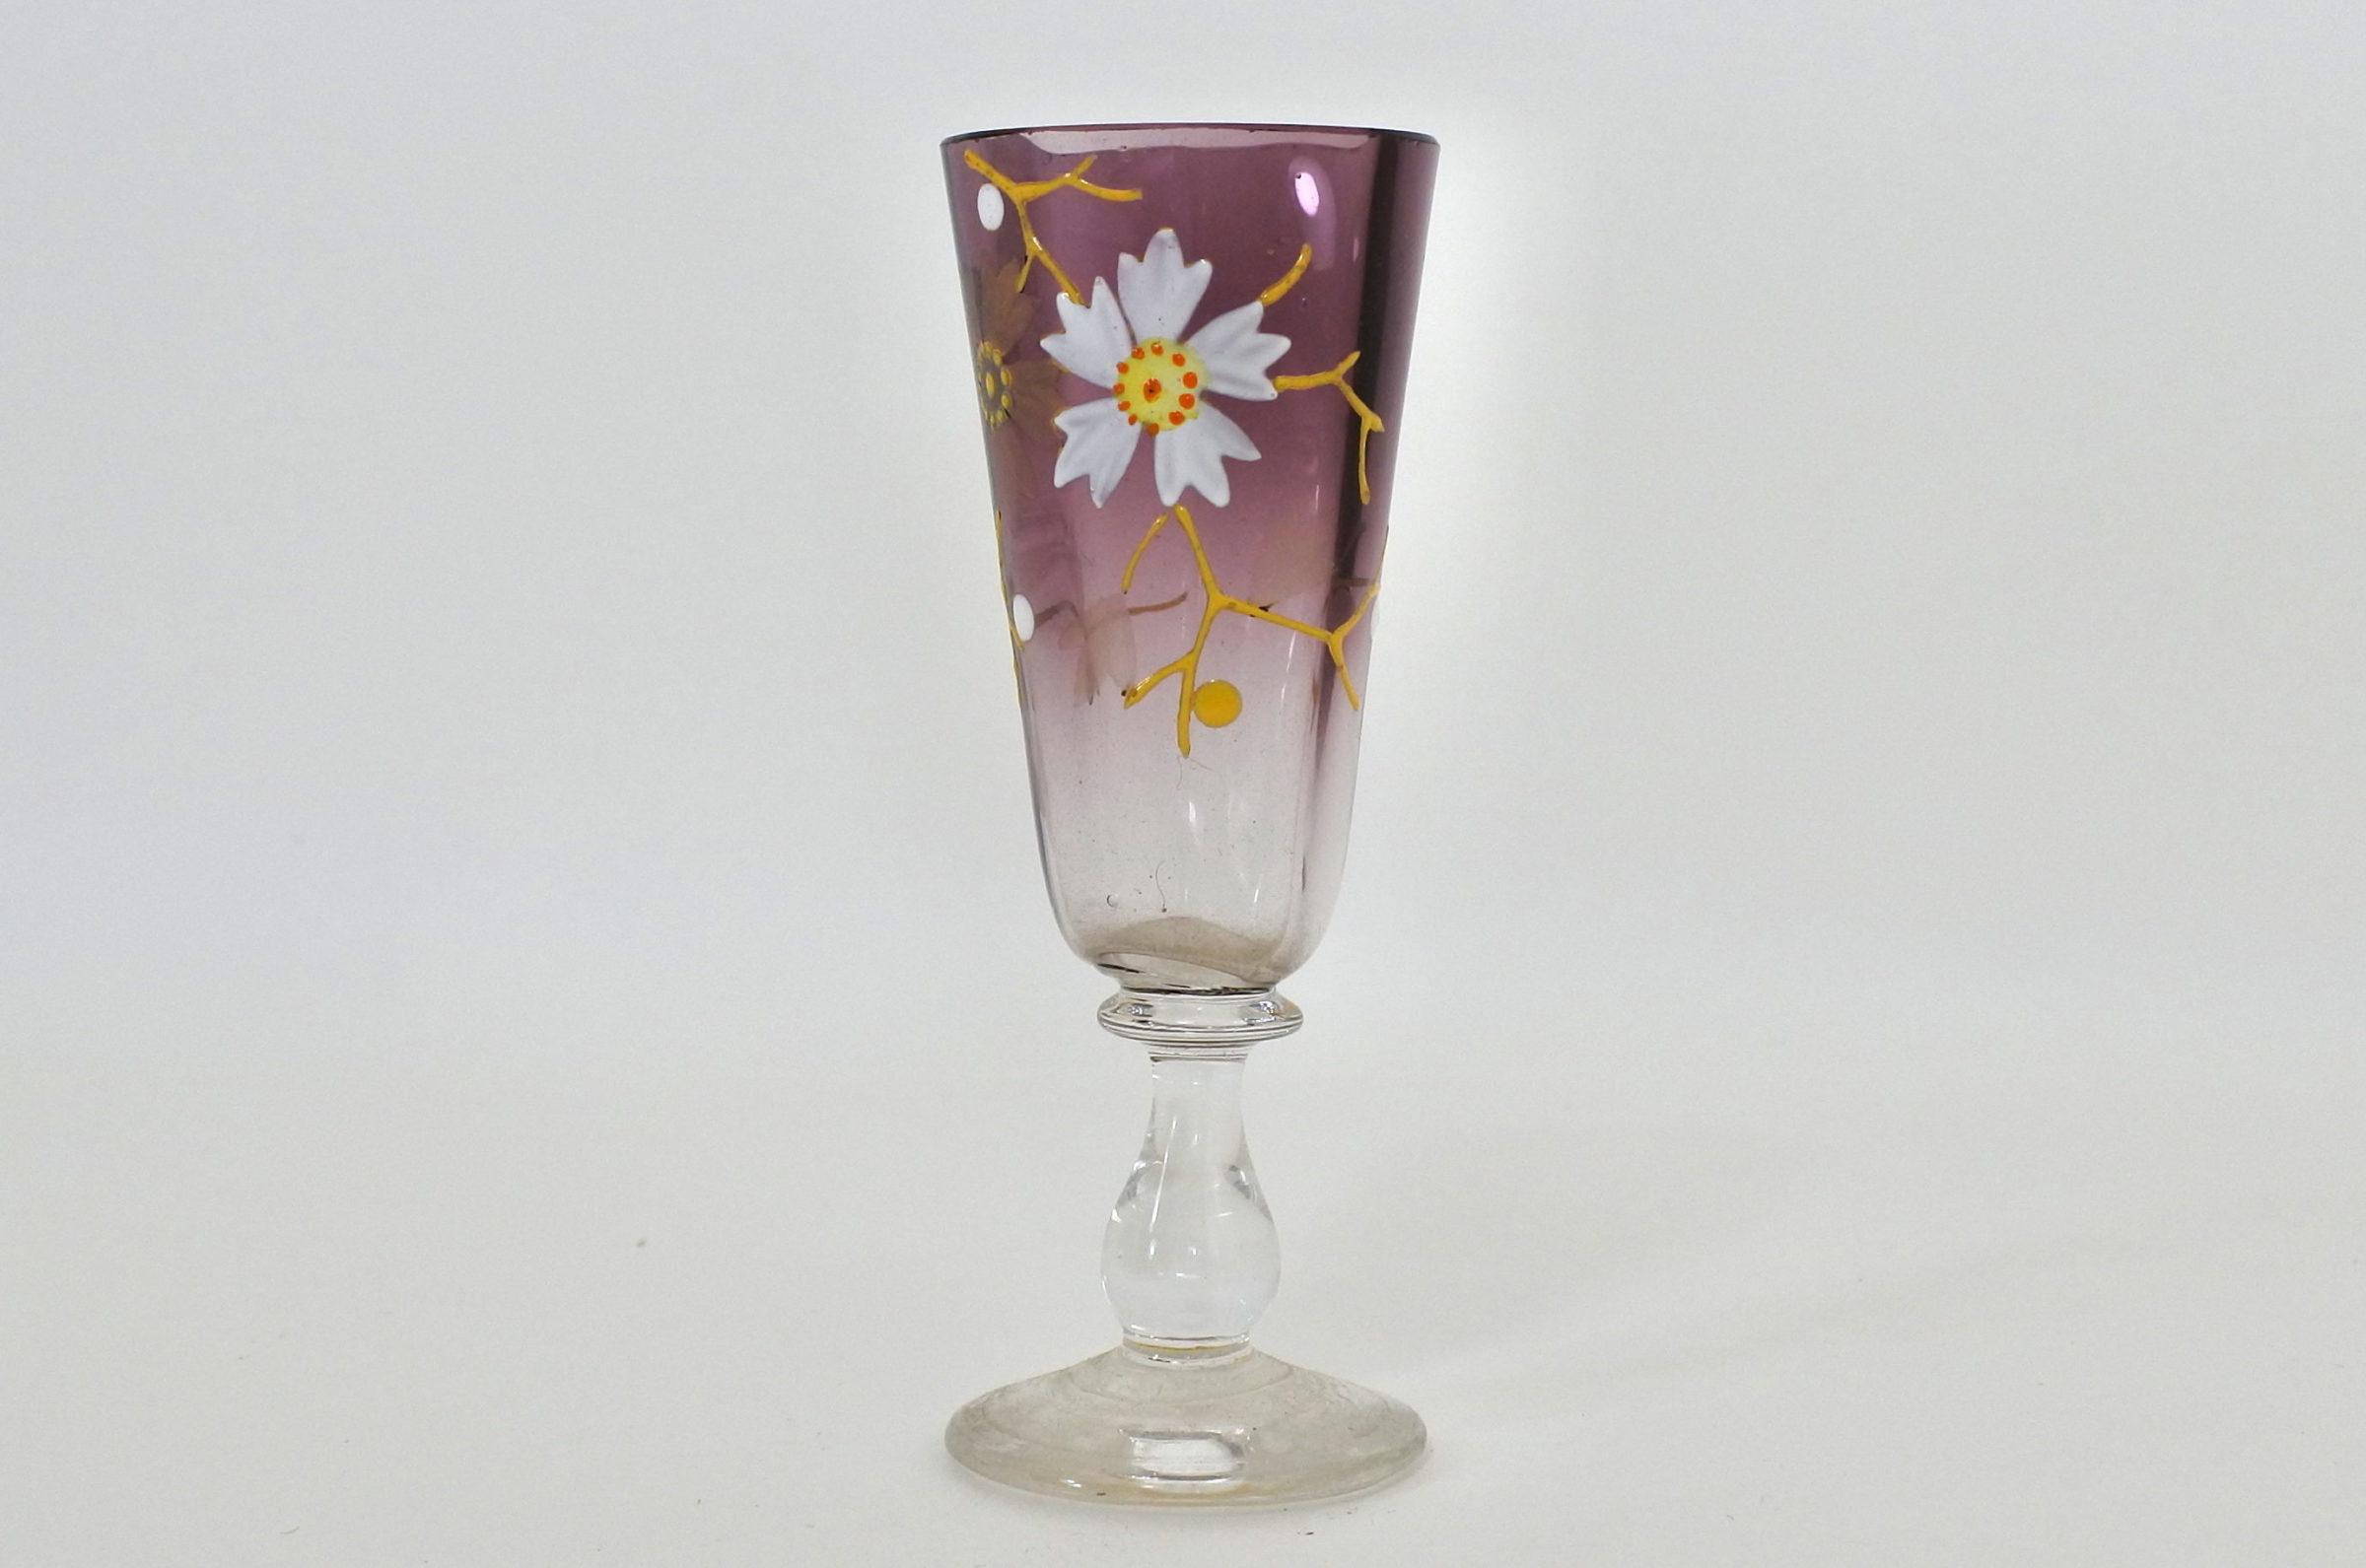 Bicchierino in vetro soffiato e smalti - Altezza 9,5 cm